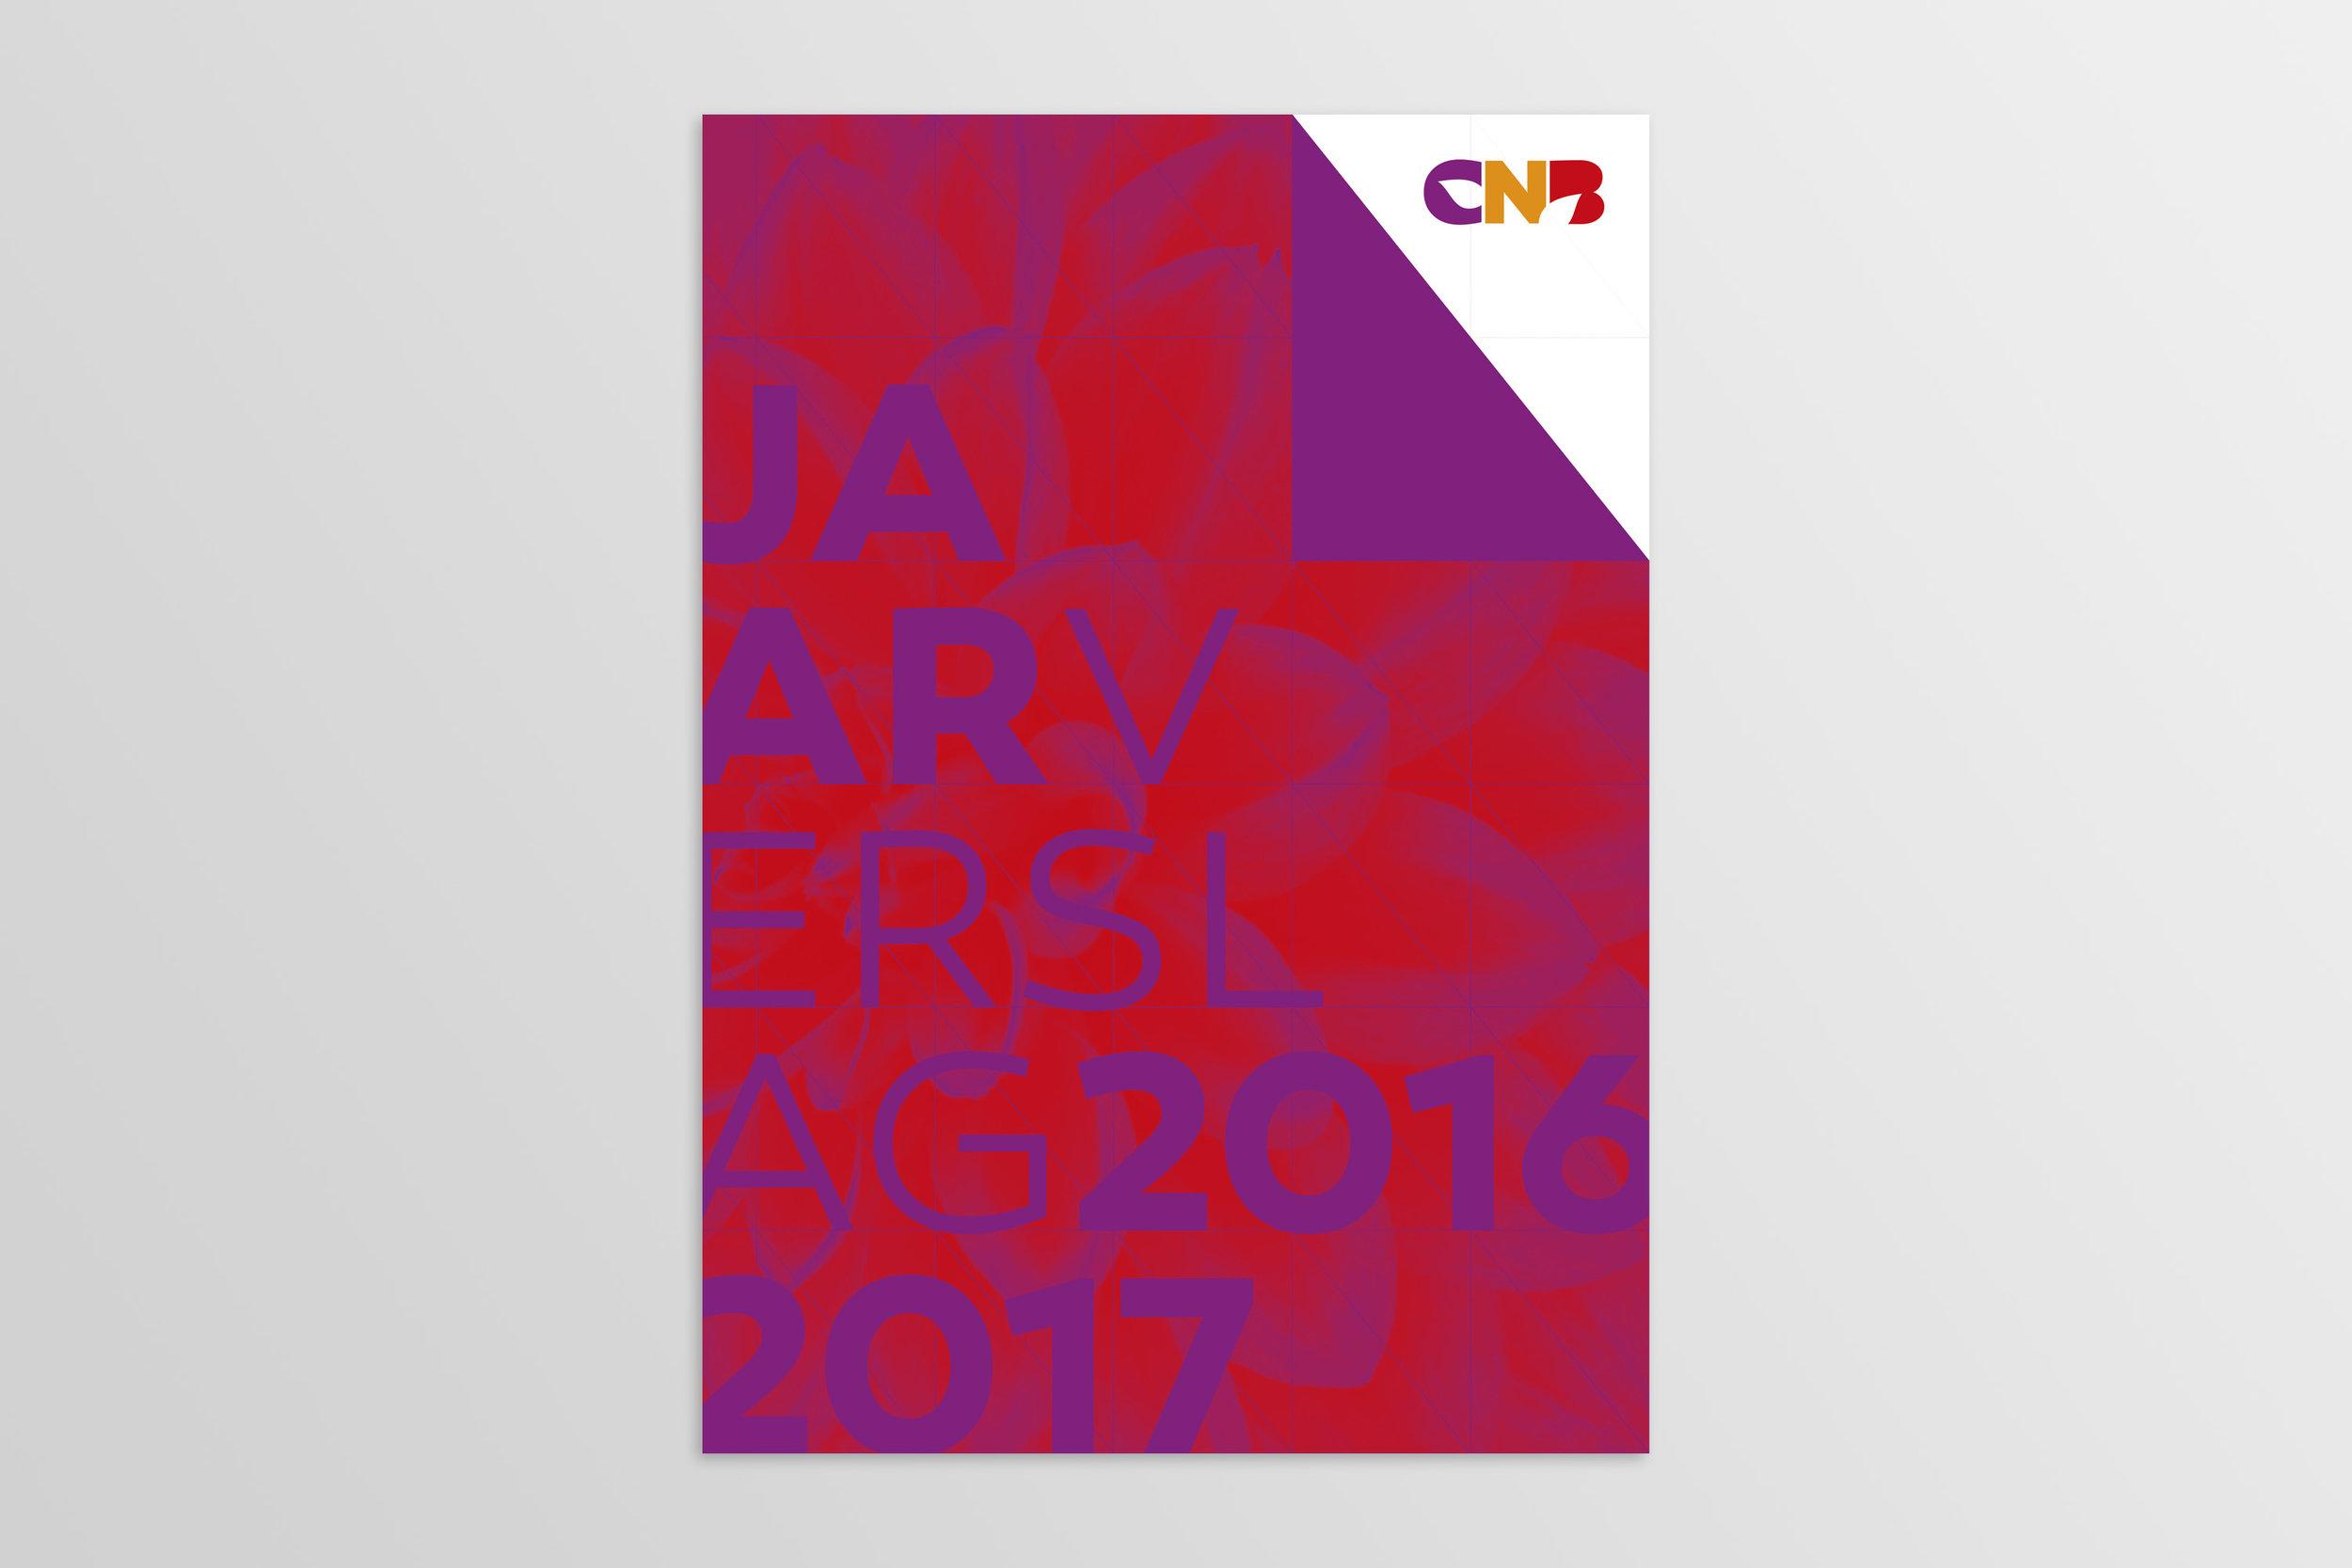 CNB werk 03.jpg